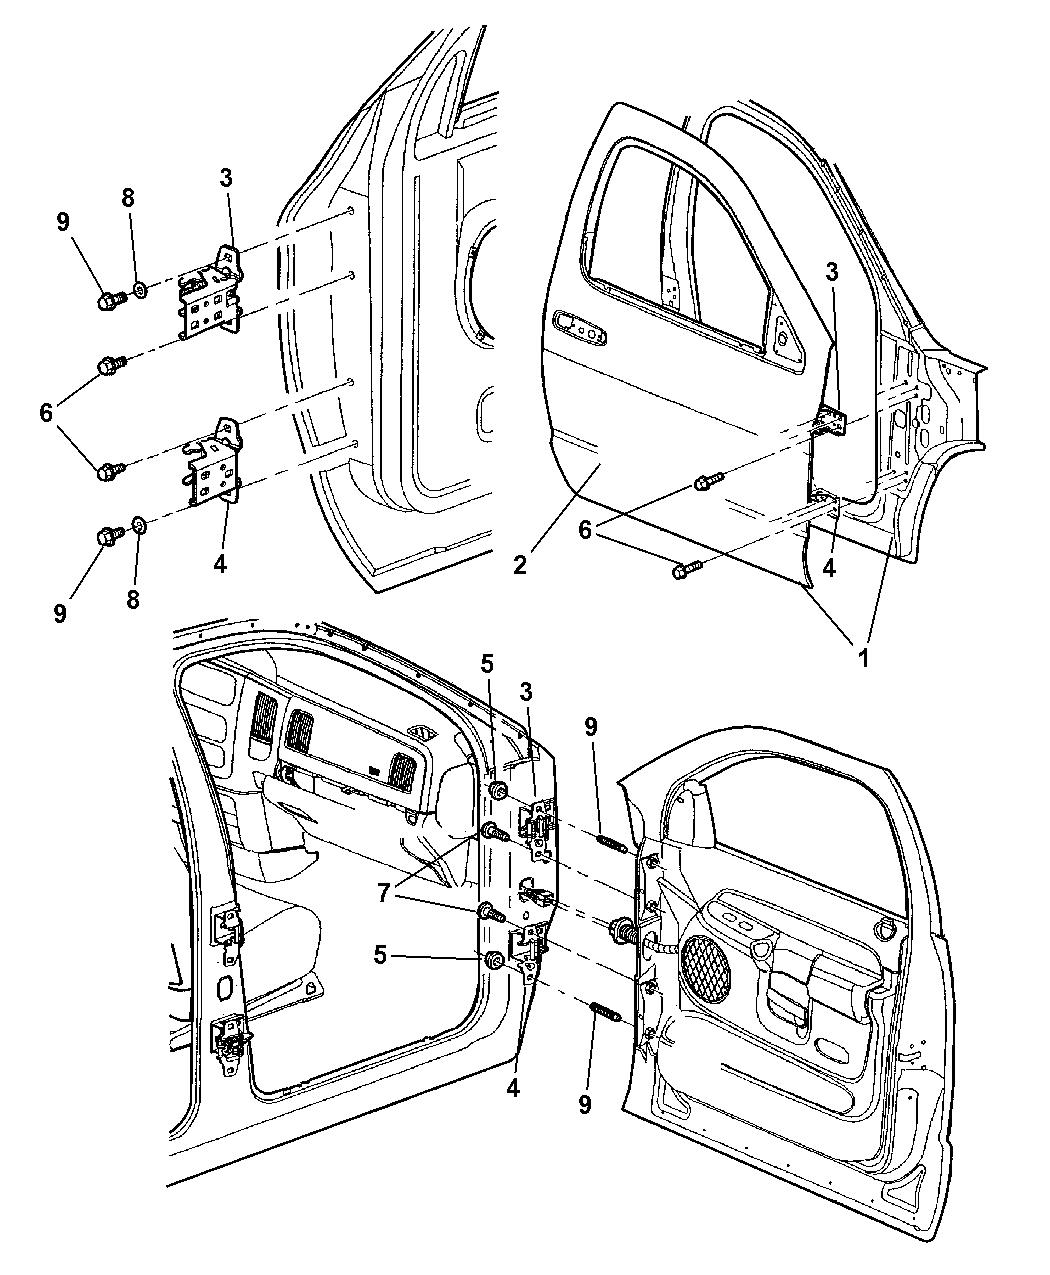 2004 Dodge Ram 1500 Door  Front Shell  U0026 Hinges